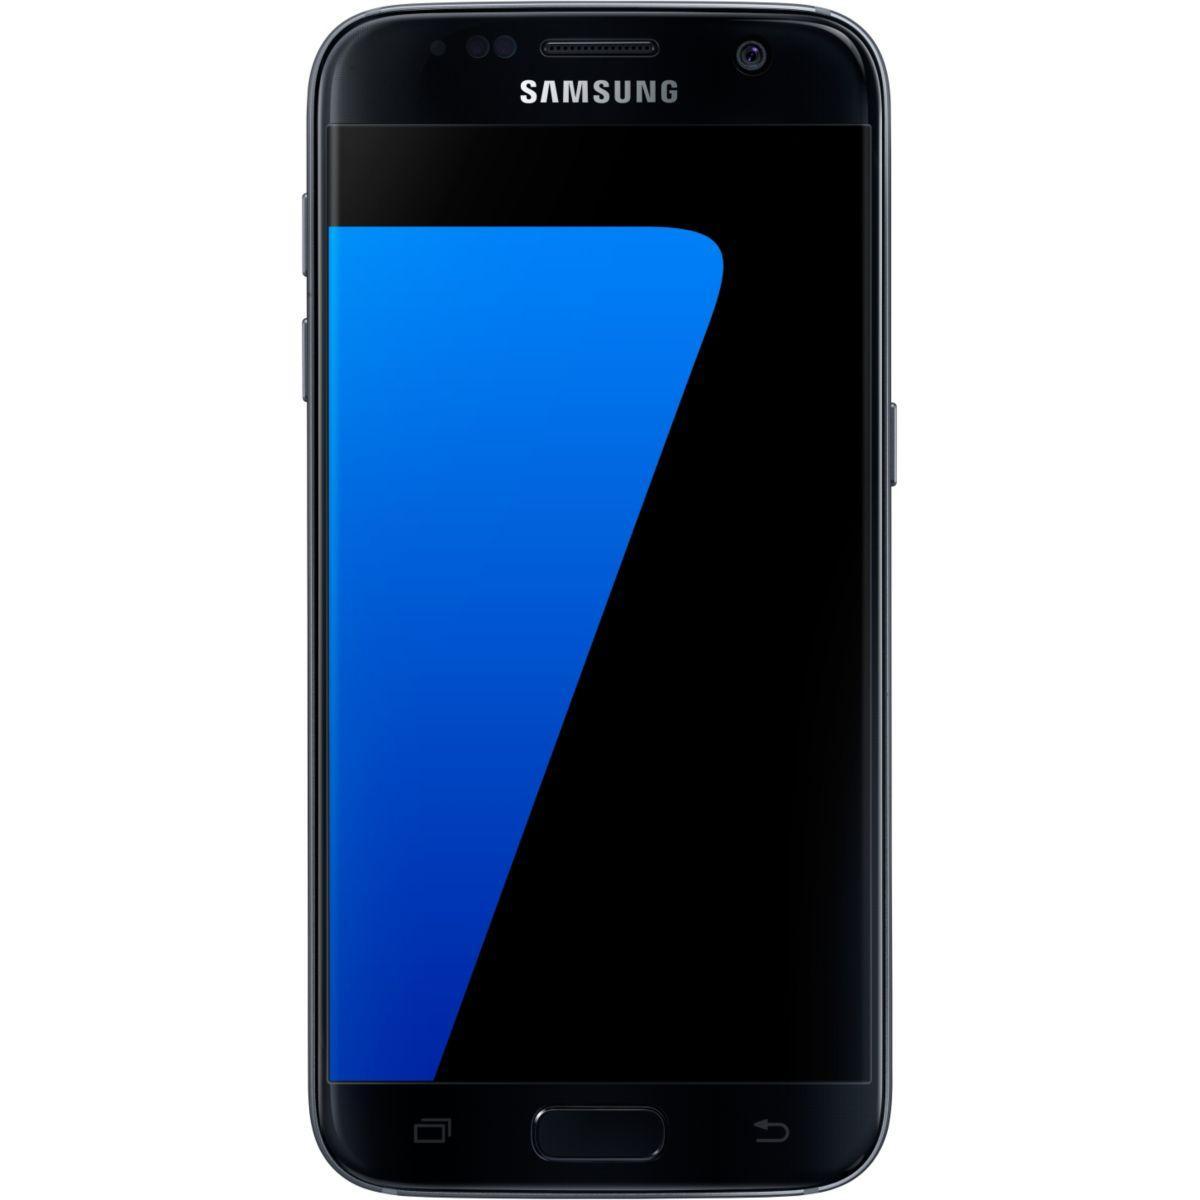 Pack promo smartphone samsung galaxy s7 32 go noir + etui samsung flip wallet galaxy s7 noir - soldes et bonnes affaires à prix imbattables